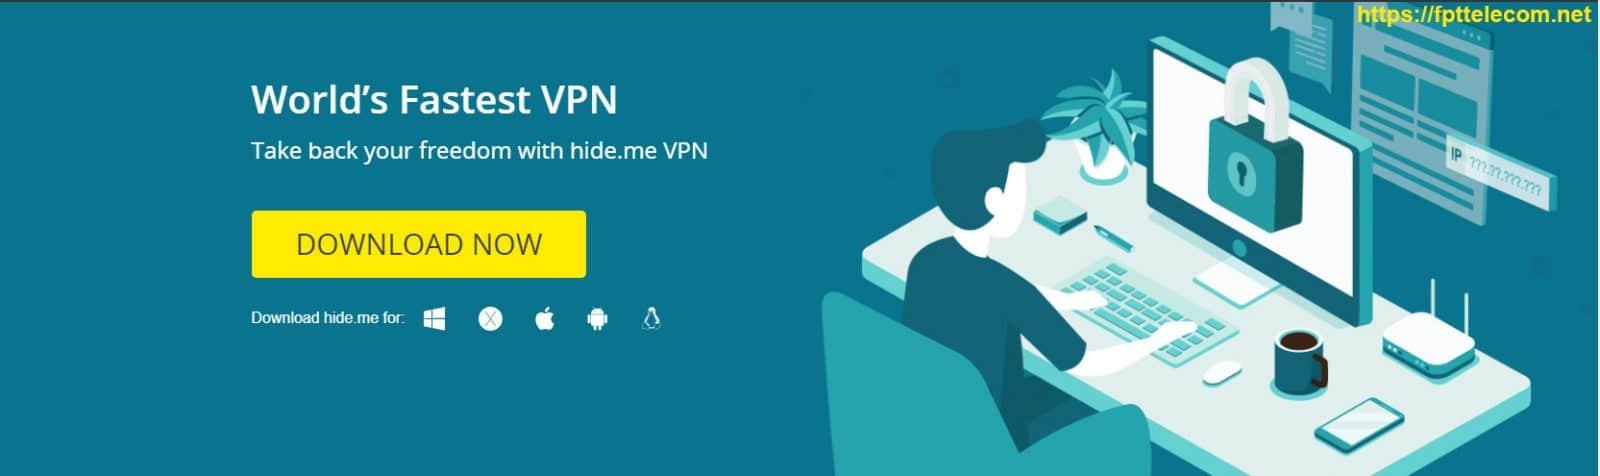 HideMe VPN - tải về miễn phí phần mềm VPN tốt nhất